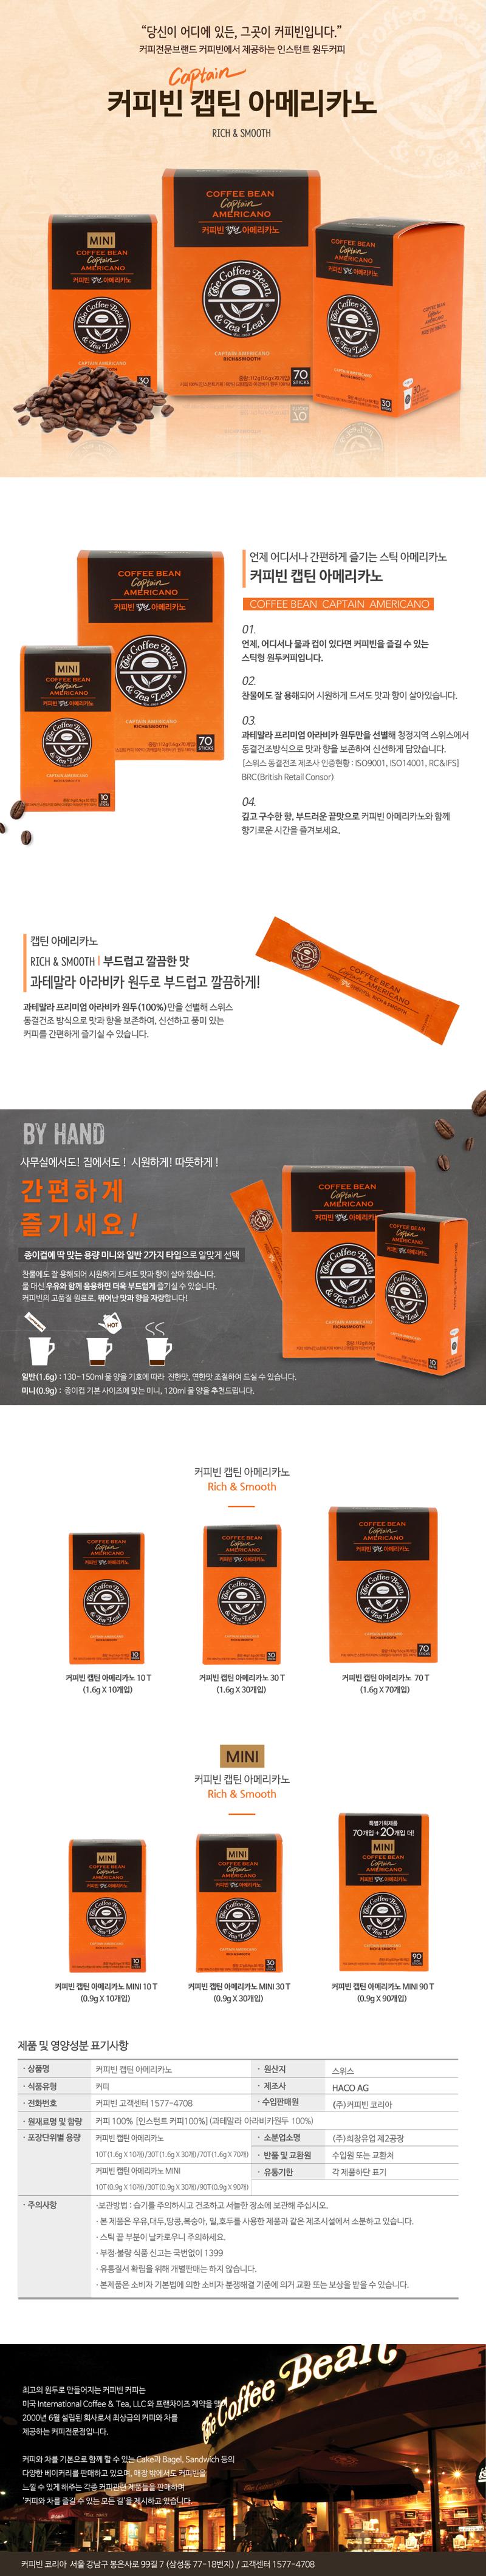 커피빈 스틱커피 캡틴 아메리카노(1.6g*10T) - 커피빈, 4,000원, 식기홈세트, 제수용품